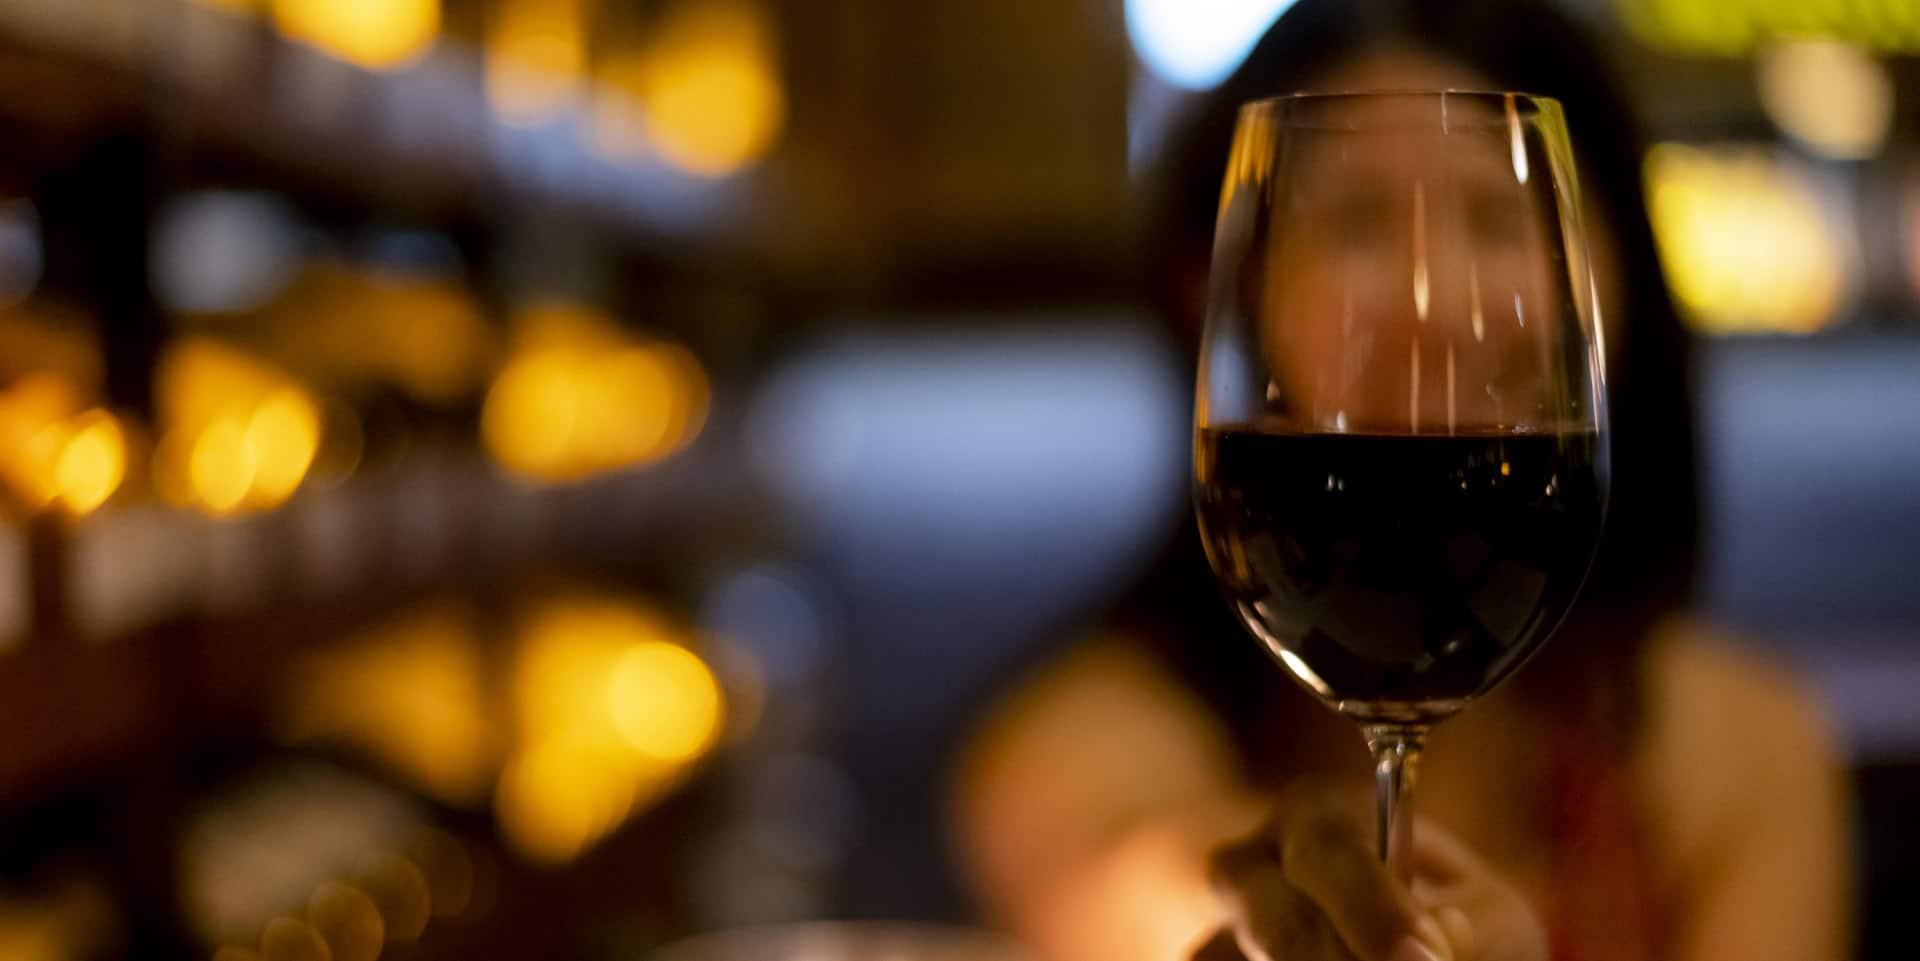 ワインが注がれたグラスと雰囲気のあるレストランの店内